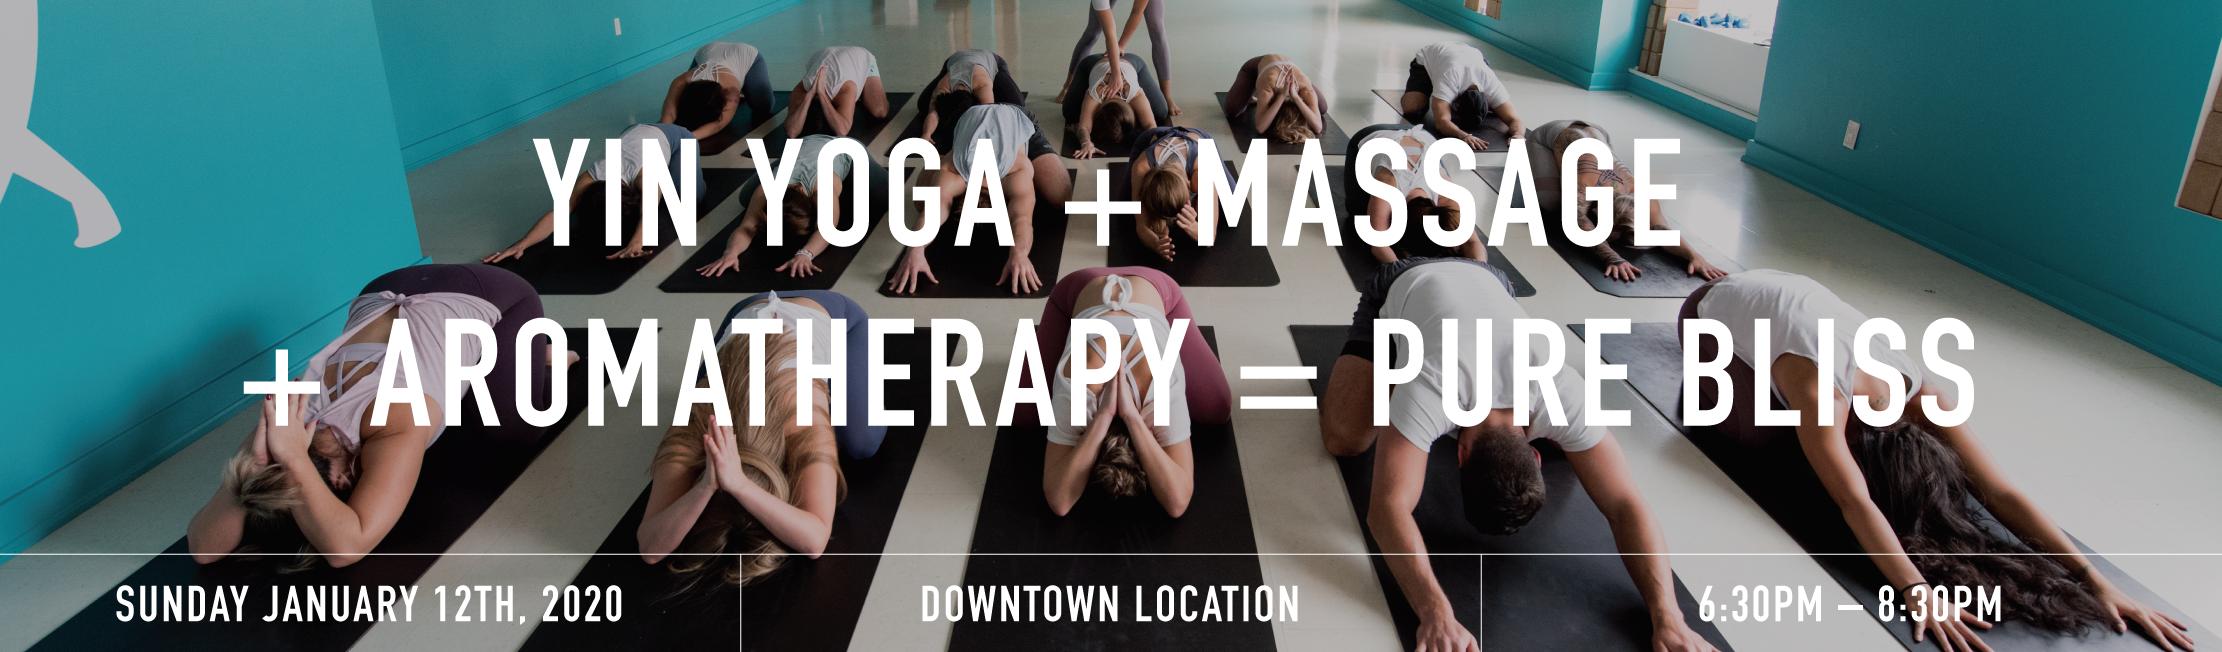 Yogassage banner  4